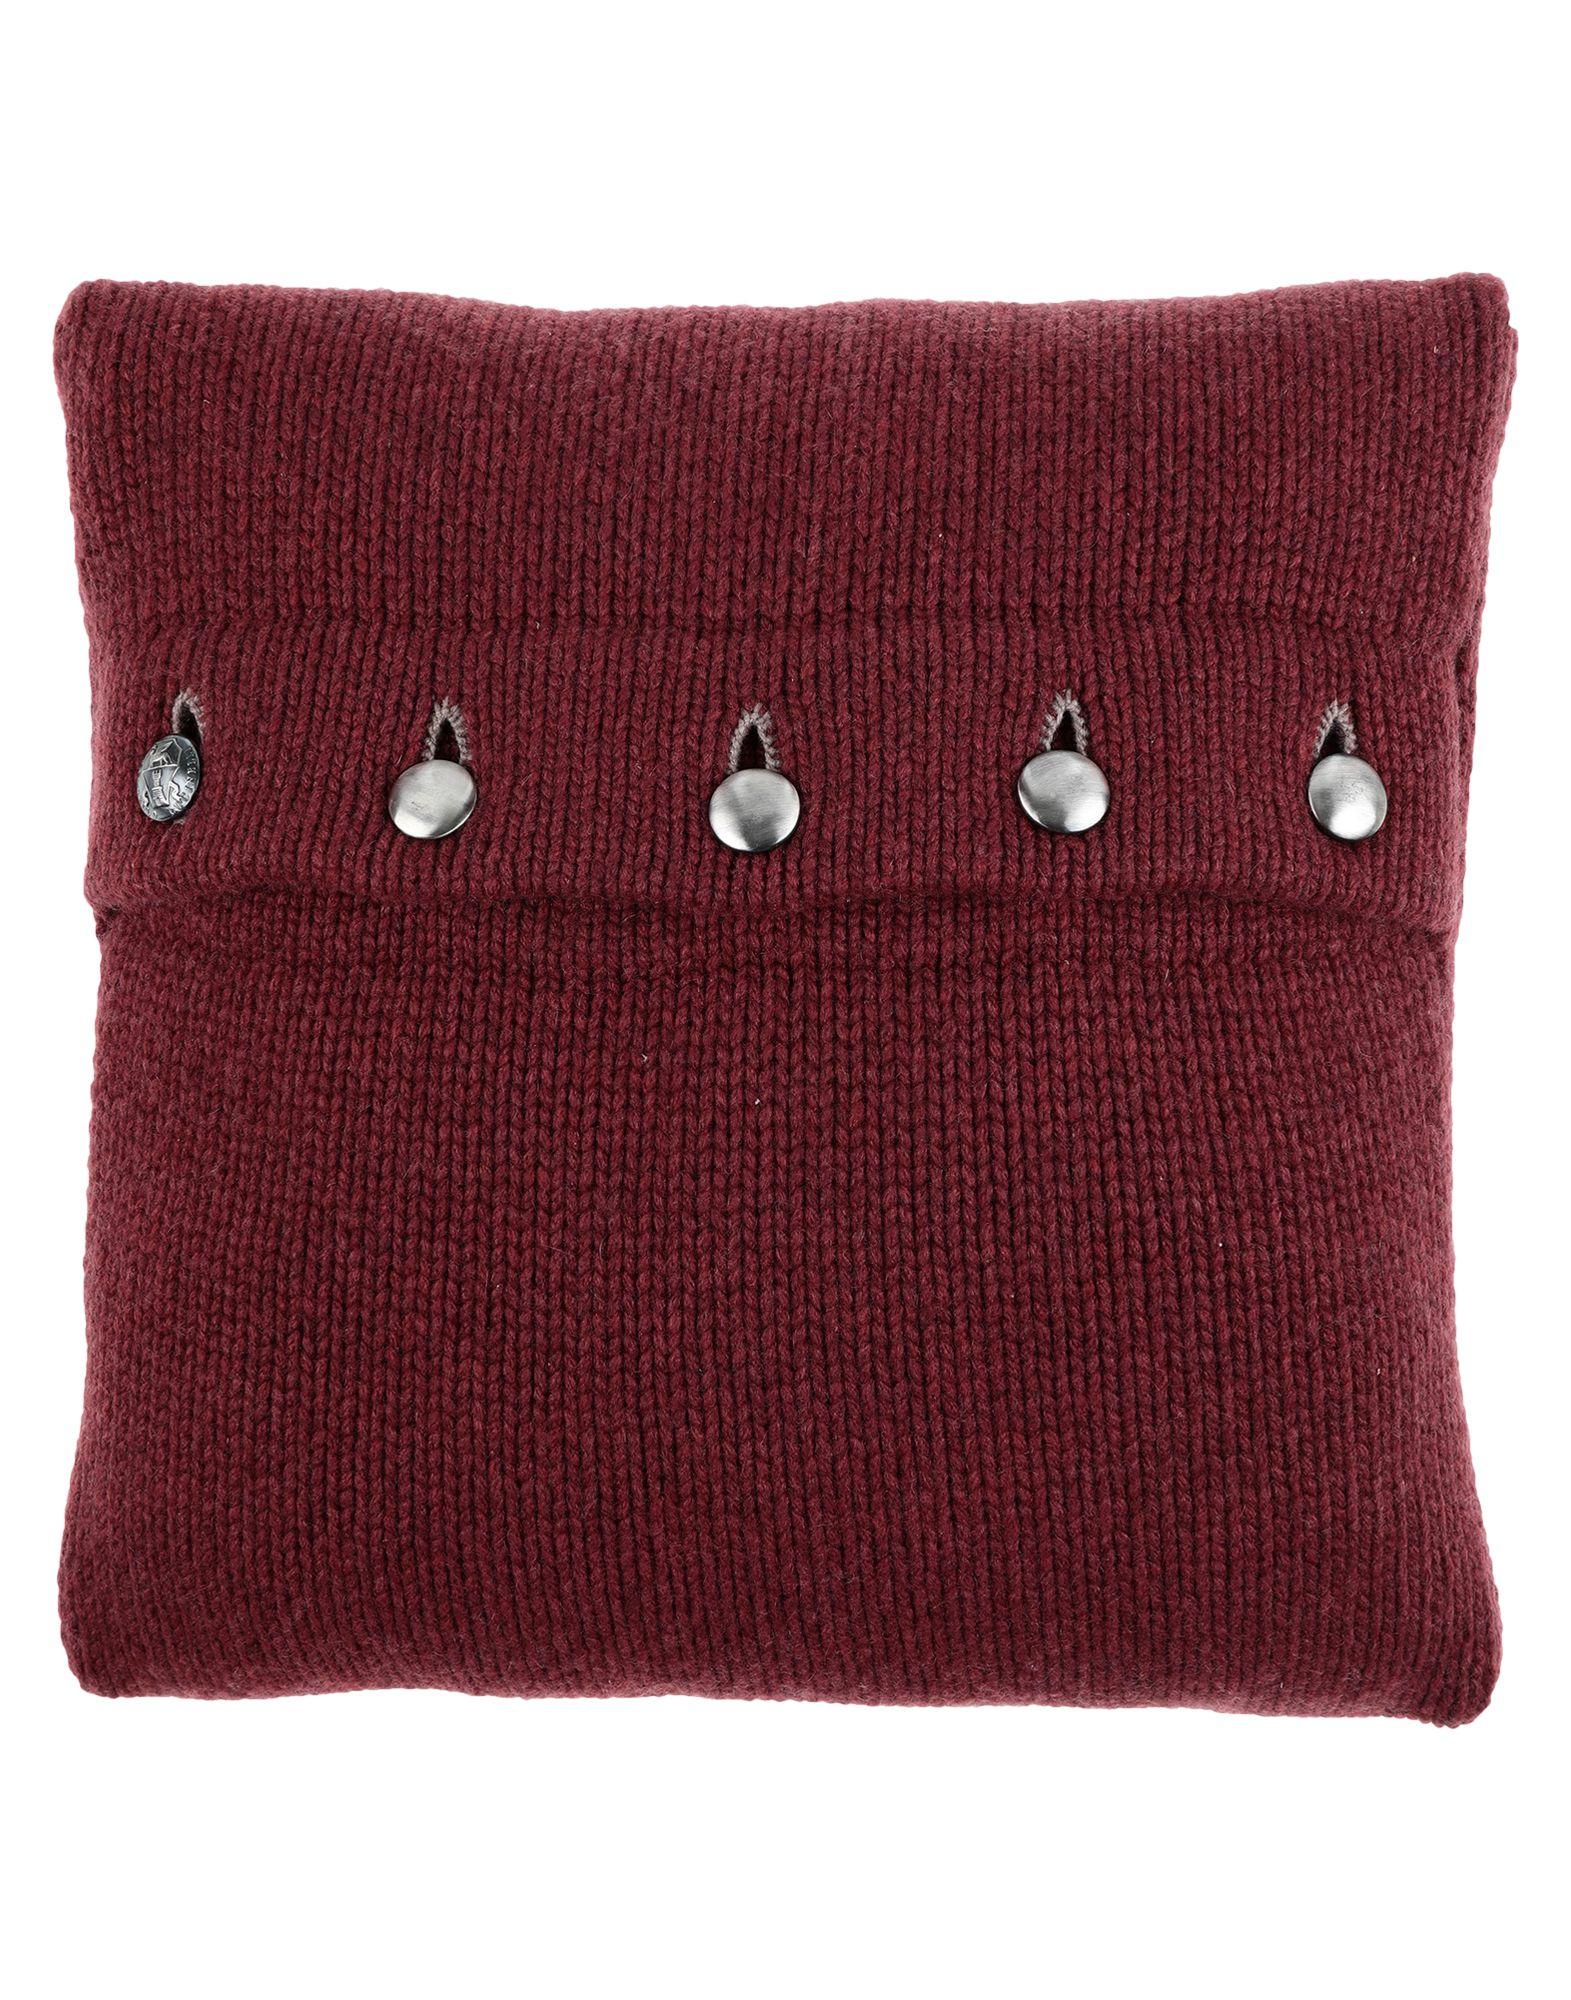 《期間限定セール開催中!》BRUNELLO CUCINELLI Unisex クッション ブラウン 紡績繊維